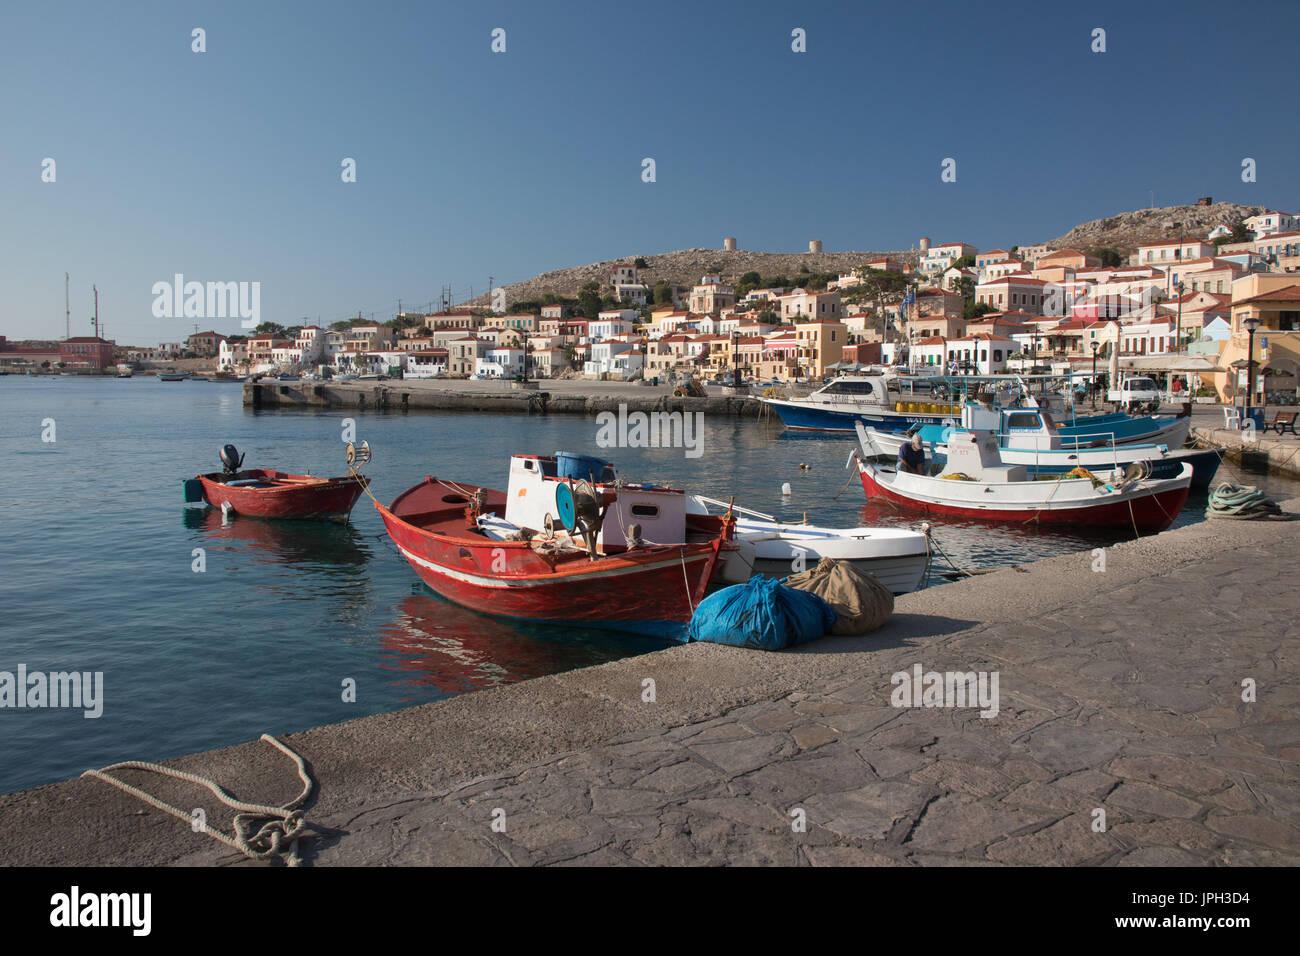 Emborio, Halki, Greece - Stock Image